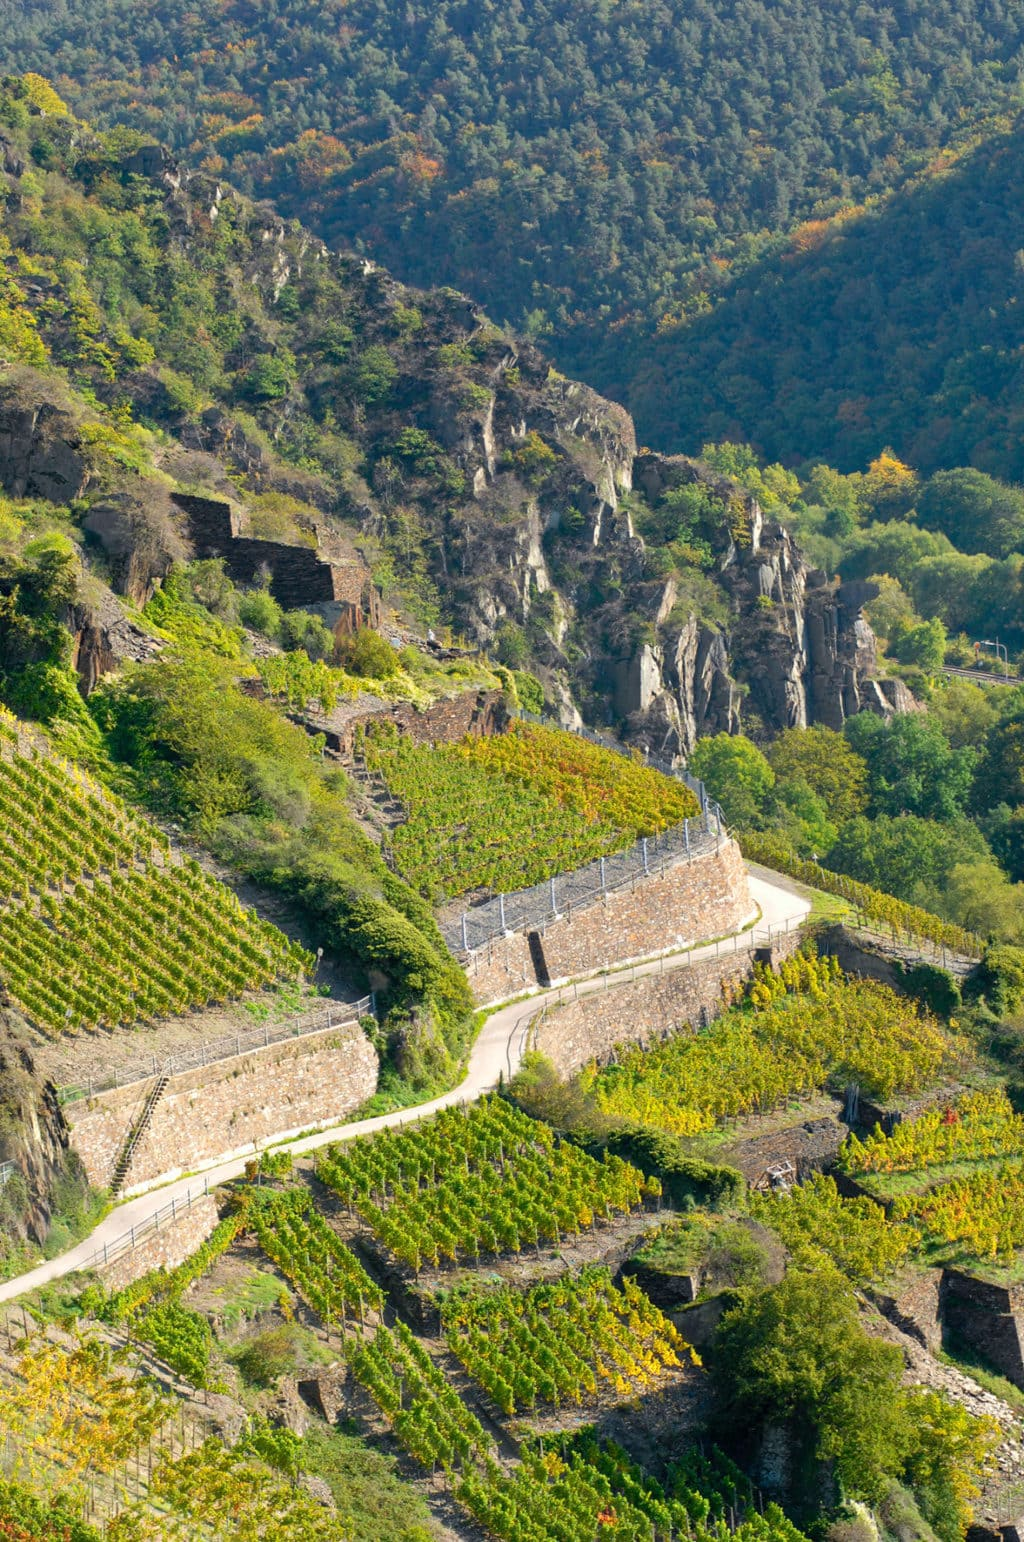 De Wijnbergen in de buurt van het dorpje Mayschoss aan de Ahr